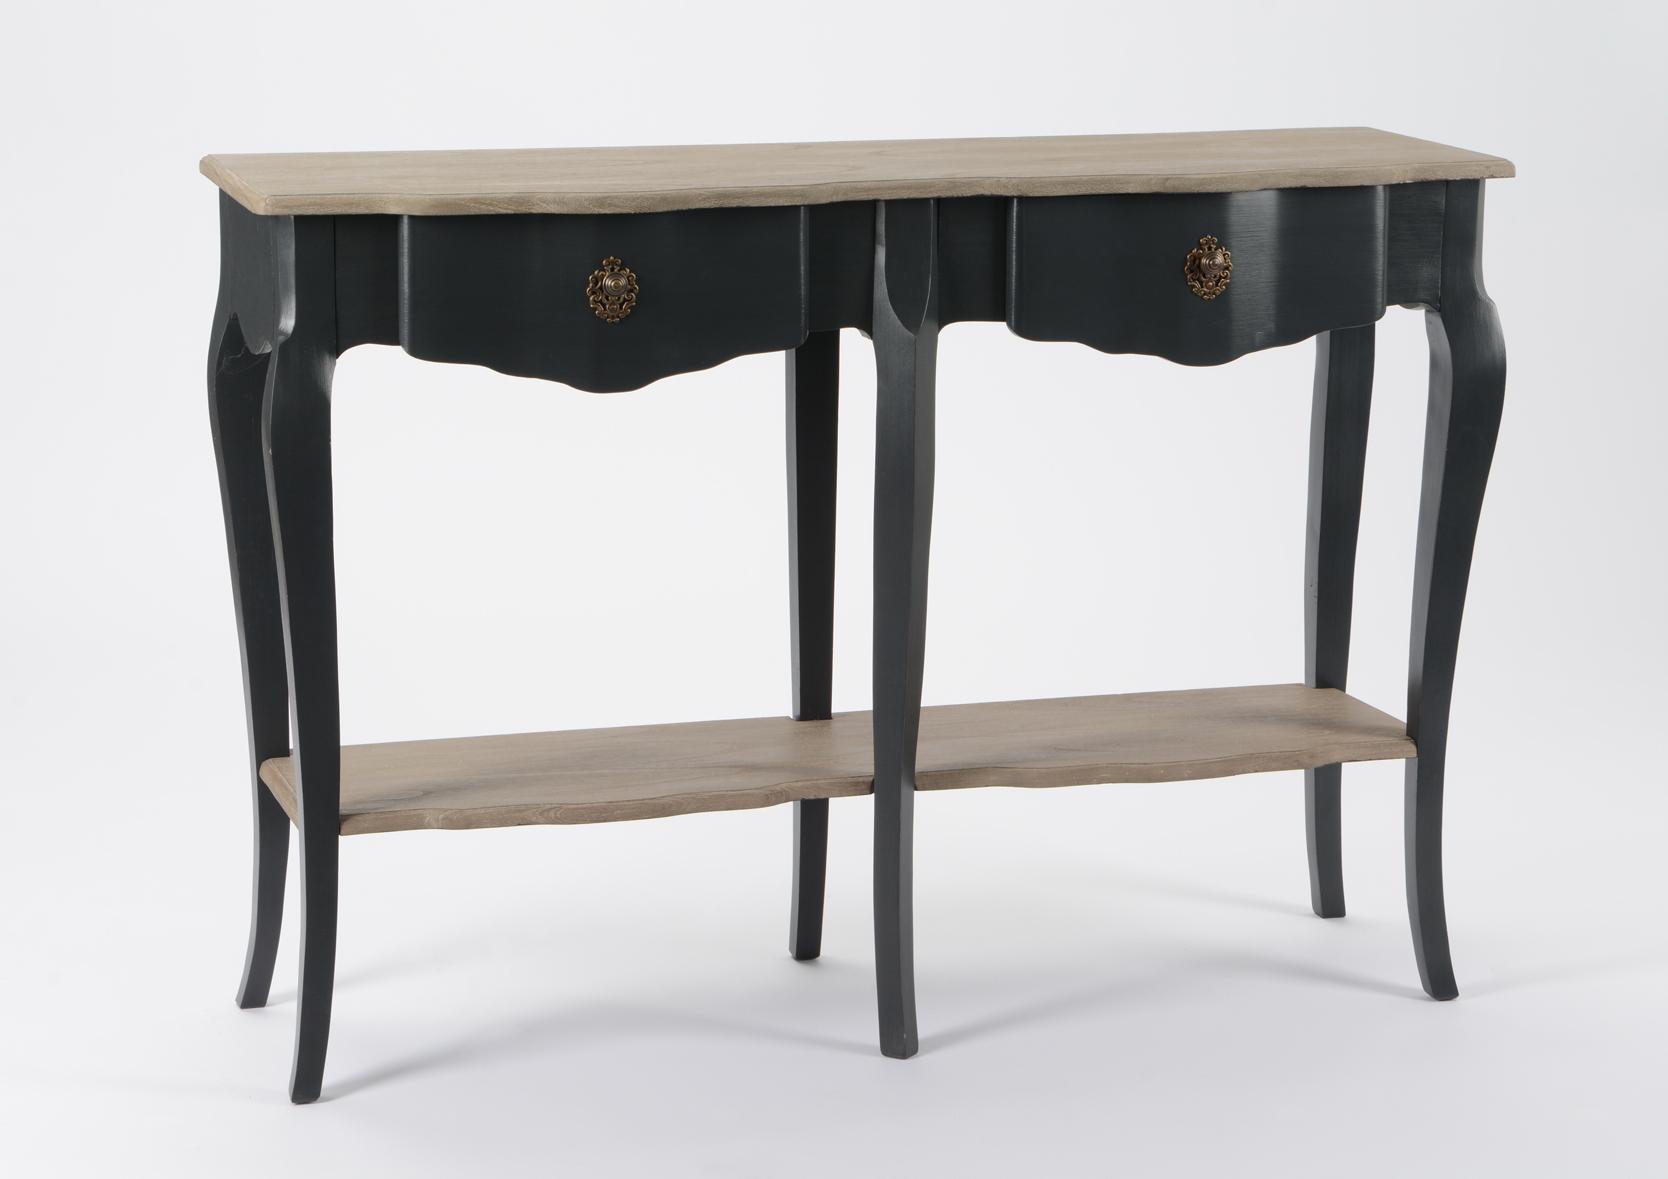 console drapier celestine amadeus 119192 d magasin de meubles deco orl ans esprit d. Black Bedroom Furniture Sets. Home Design Ideas